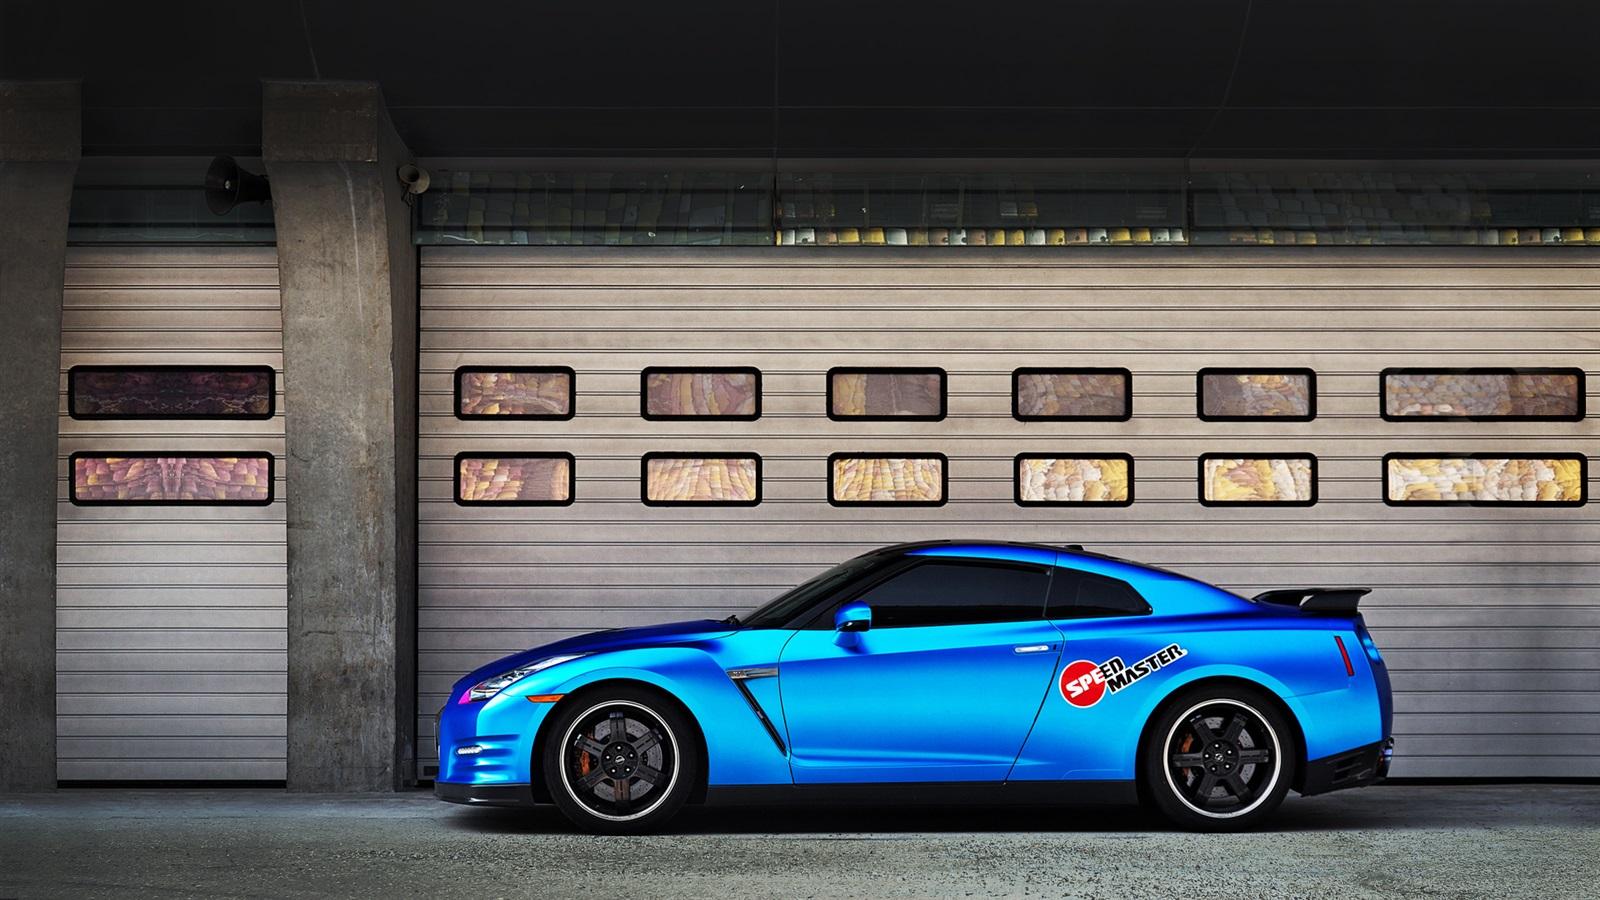 壁紙 日産GT-Rの青い車の側面図 1920x1080 Full HD 2K 無料のデスクトップの背景, 画像